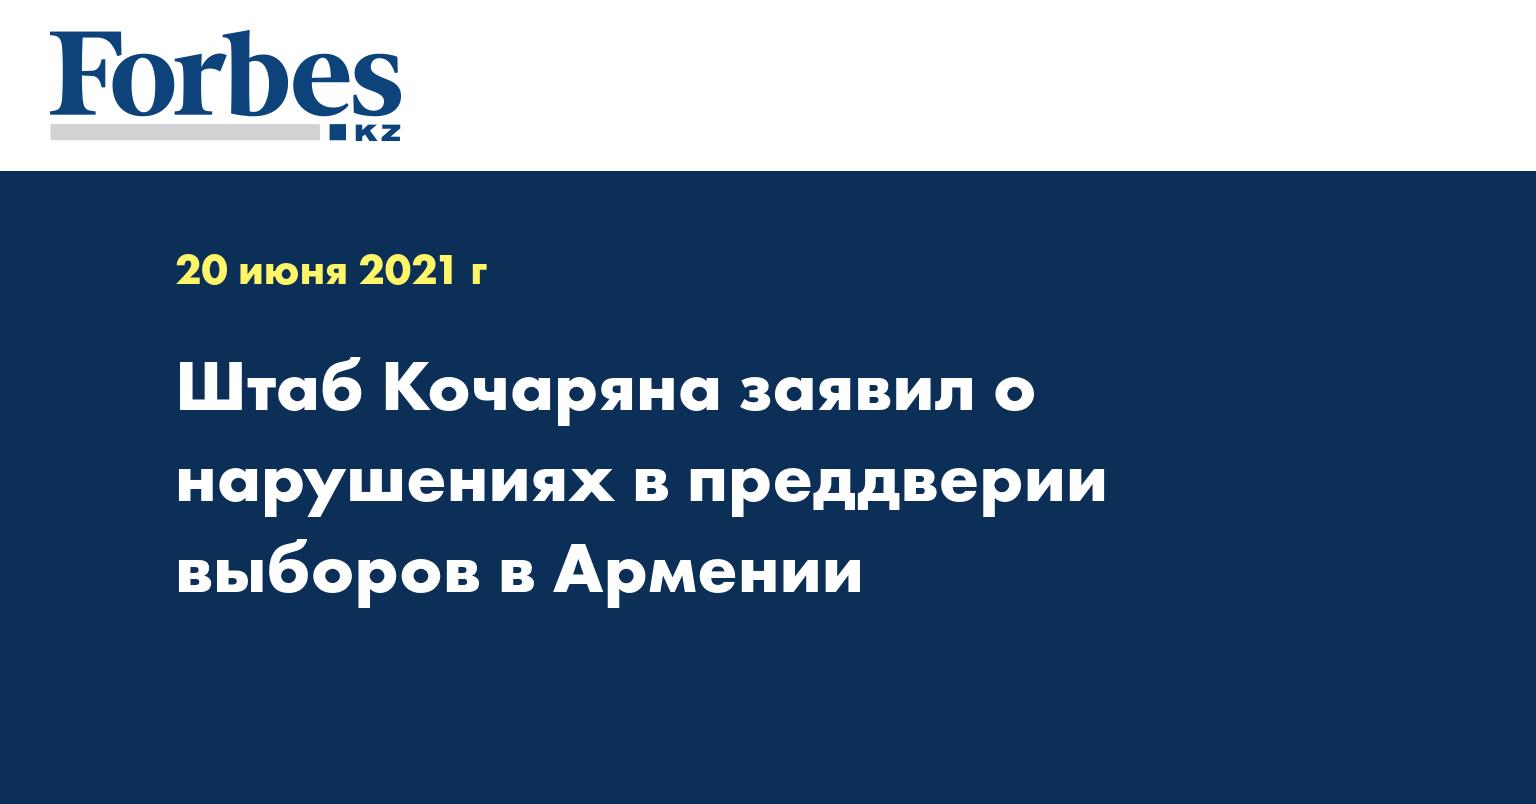 Штаб Кочаряна заявил о нарушениях в преддверии выборов в Армении